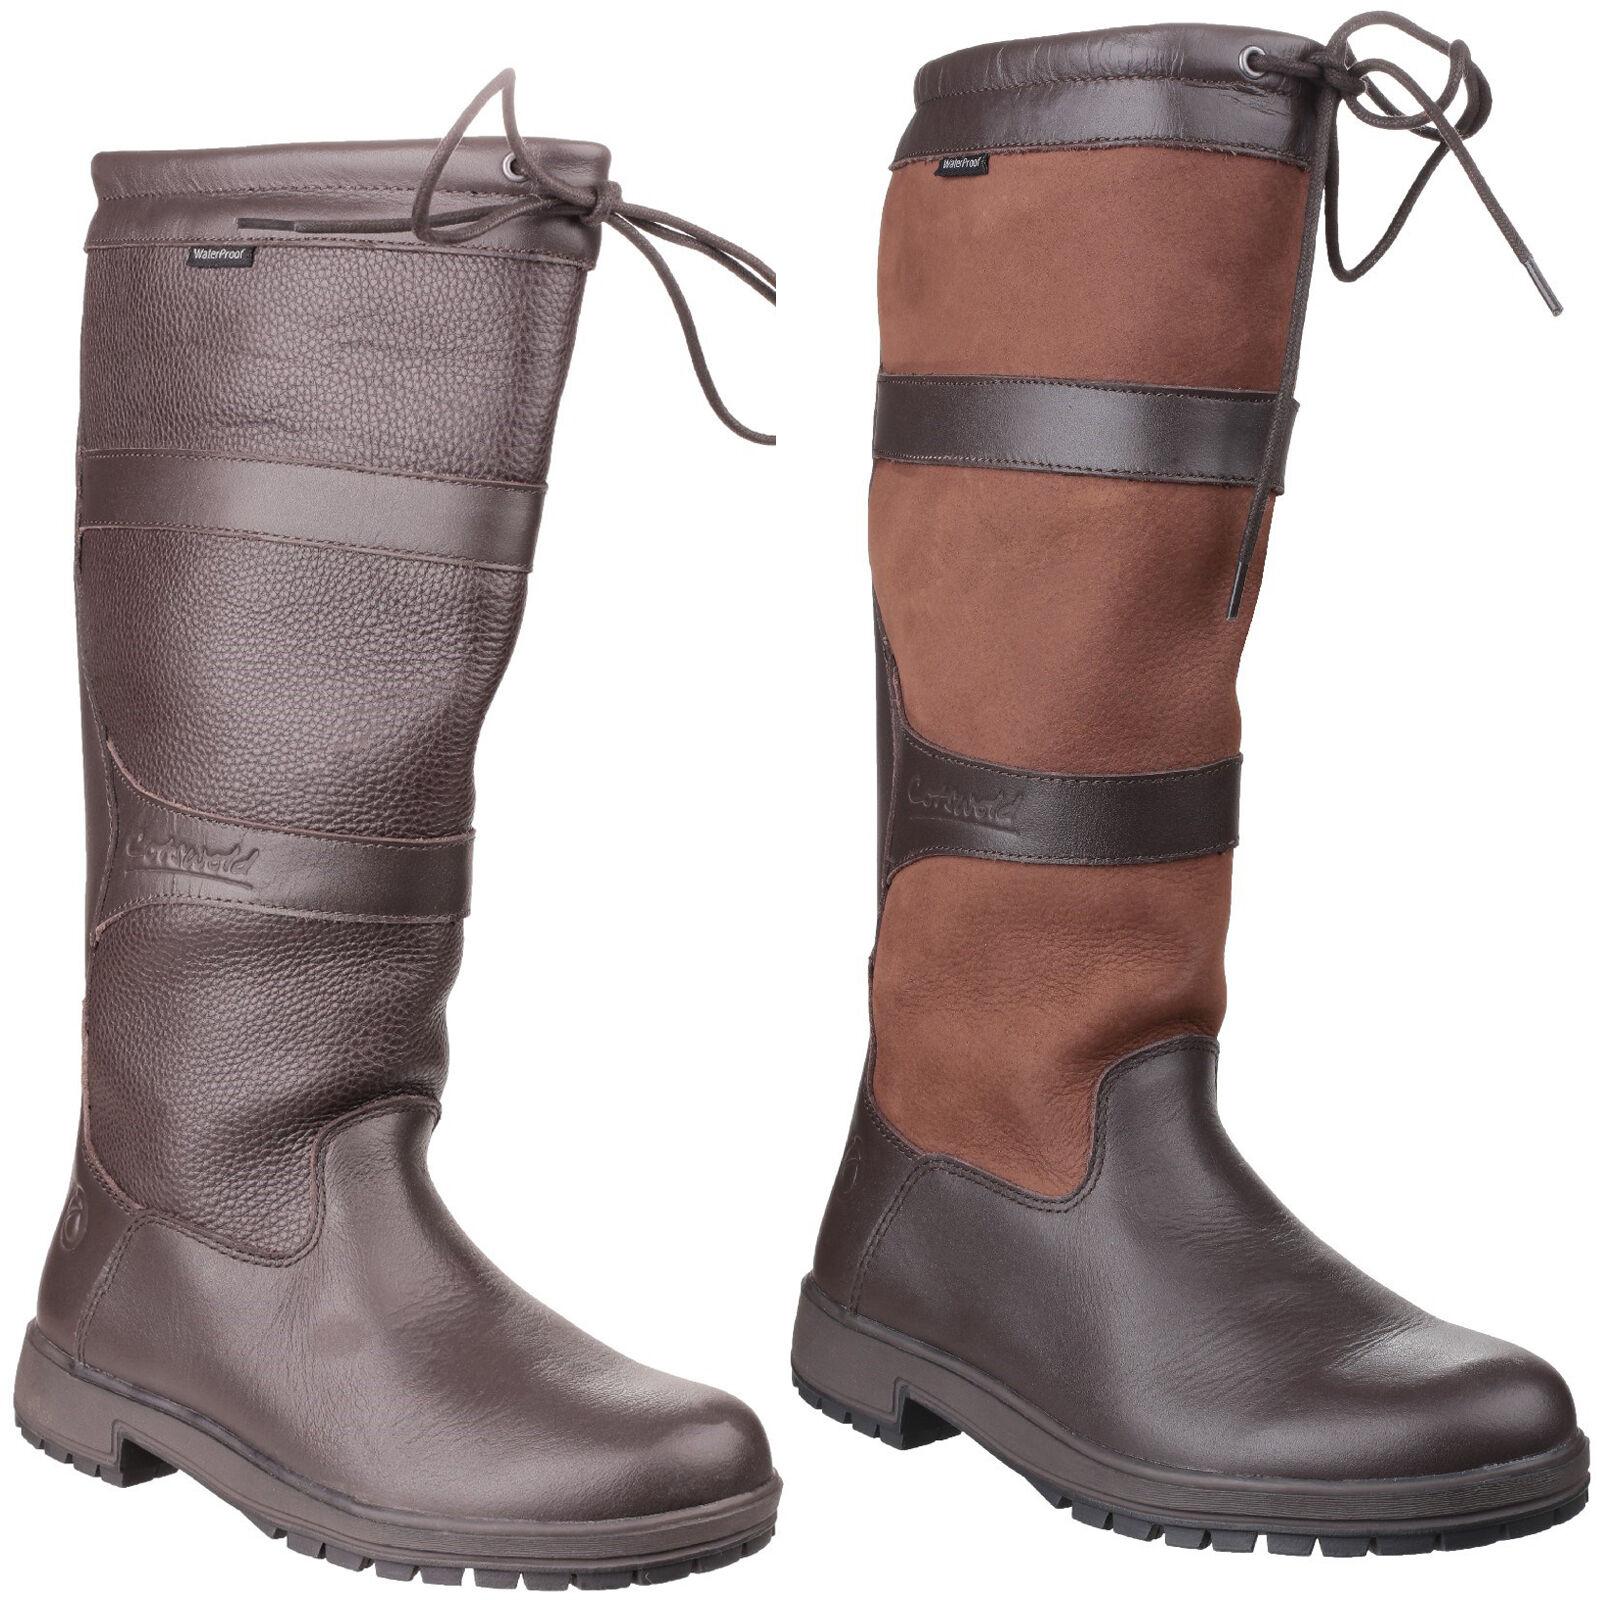 Cotswold Beaumont Impermeable botas botas botas para mujer Tire De Wellingtons Wellies UK4-8  calidad fantástica